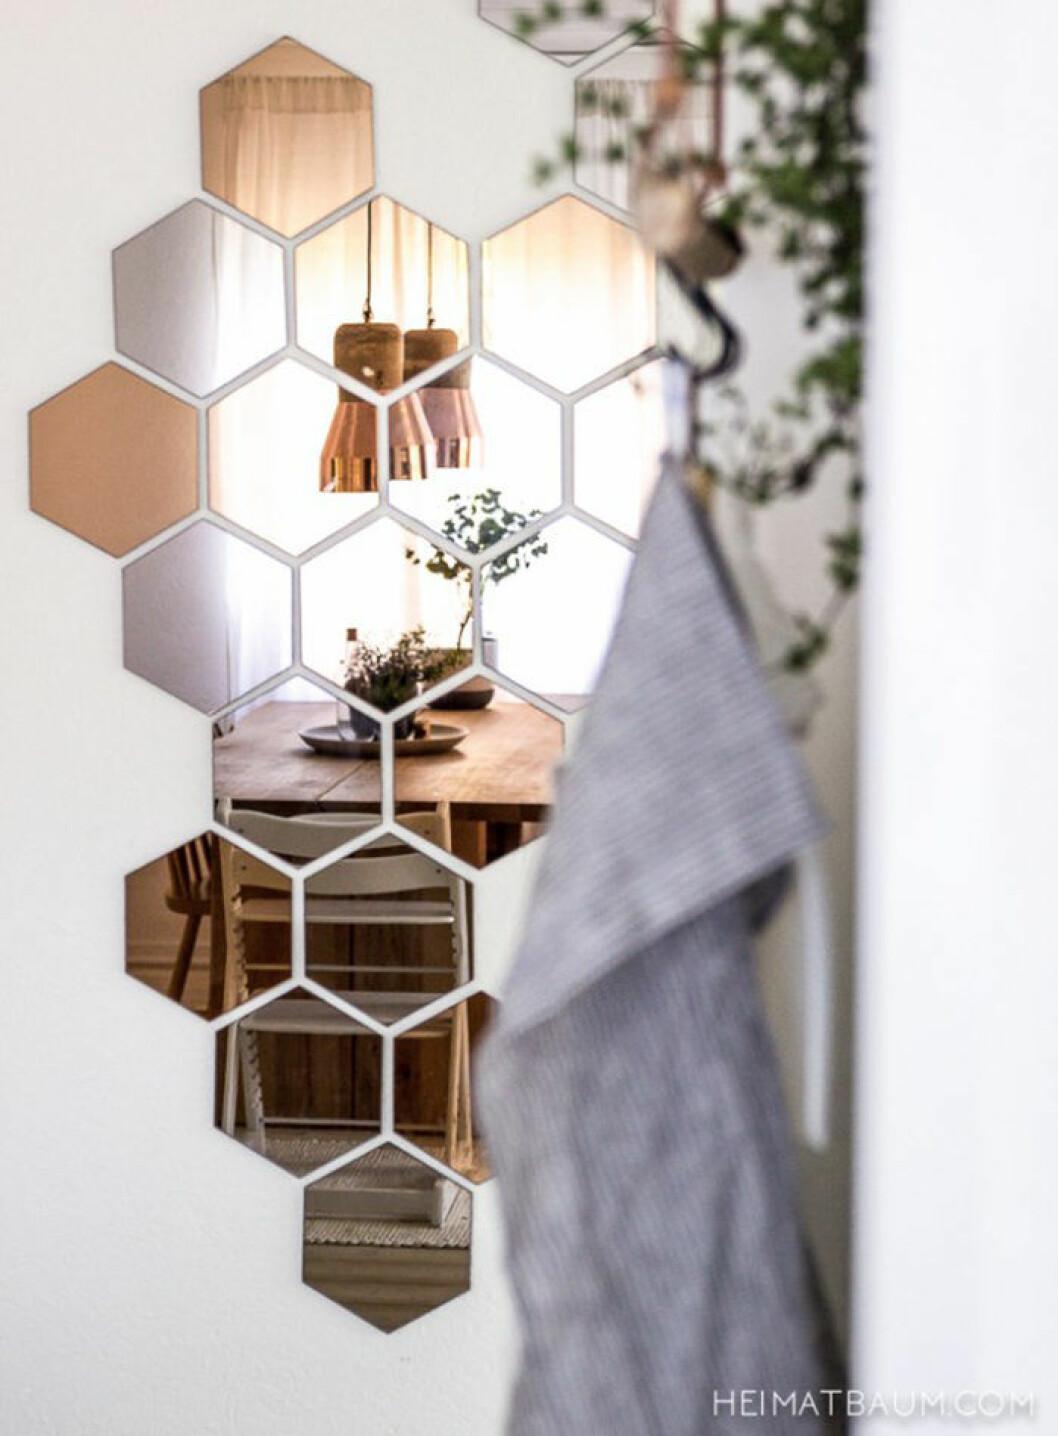 Spegelvägg i hexagonform